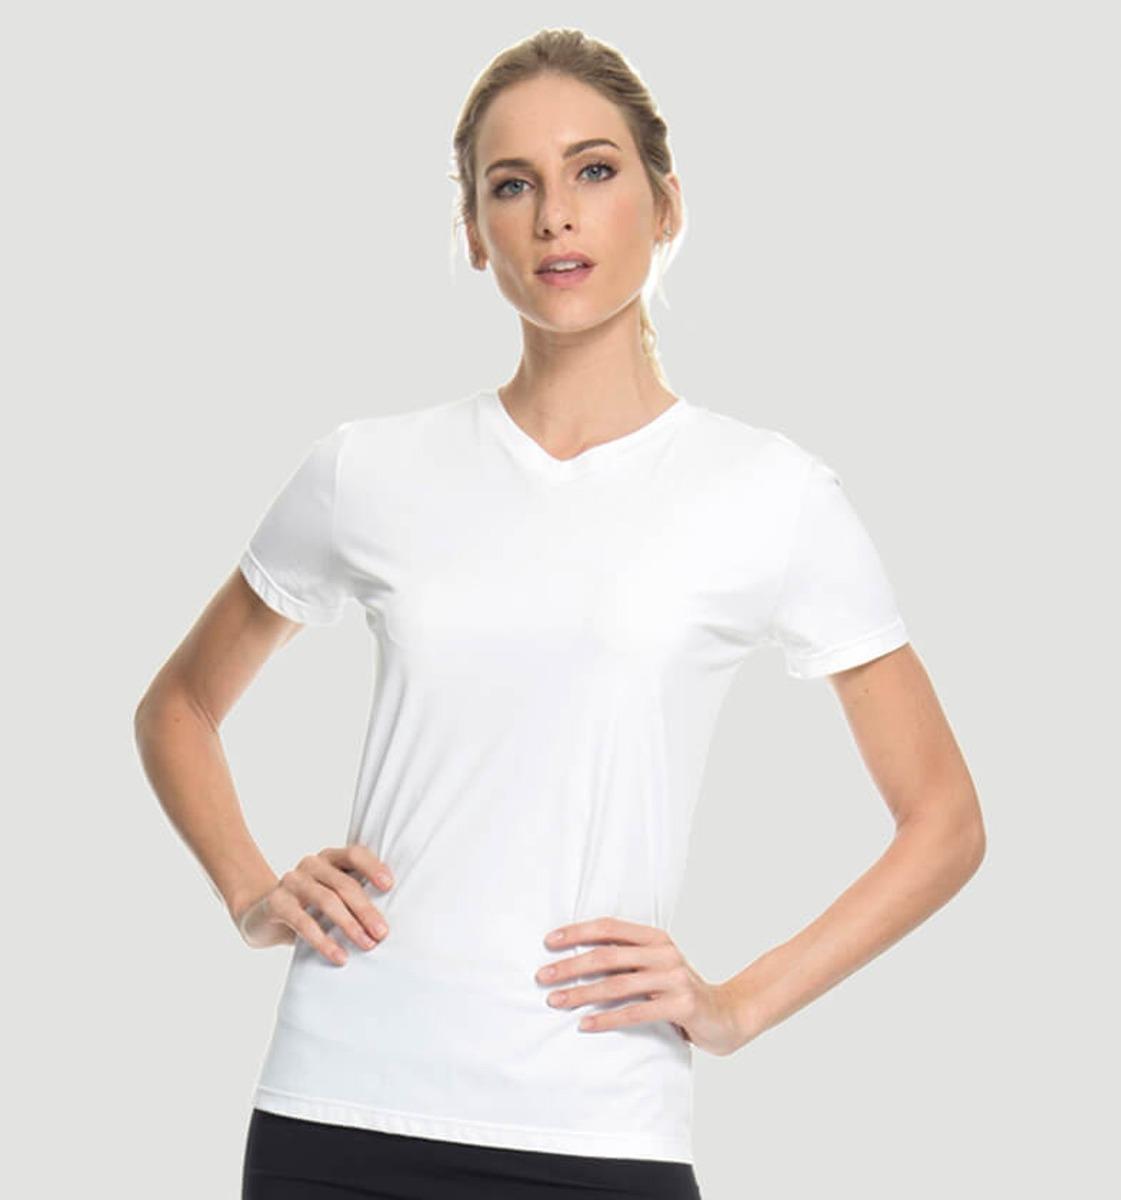 uvline camiseta sport fit mc feminino branco proteção solar. Carregando  zoom. 6046629c91a